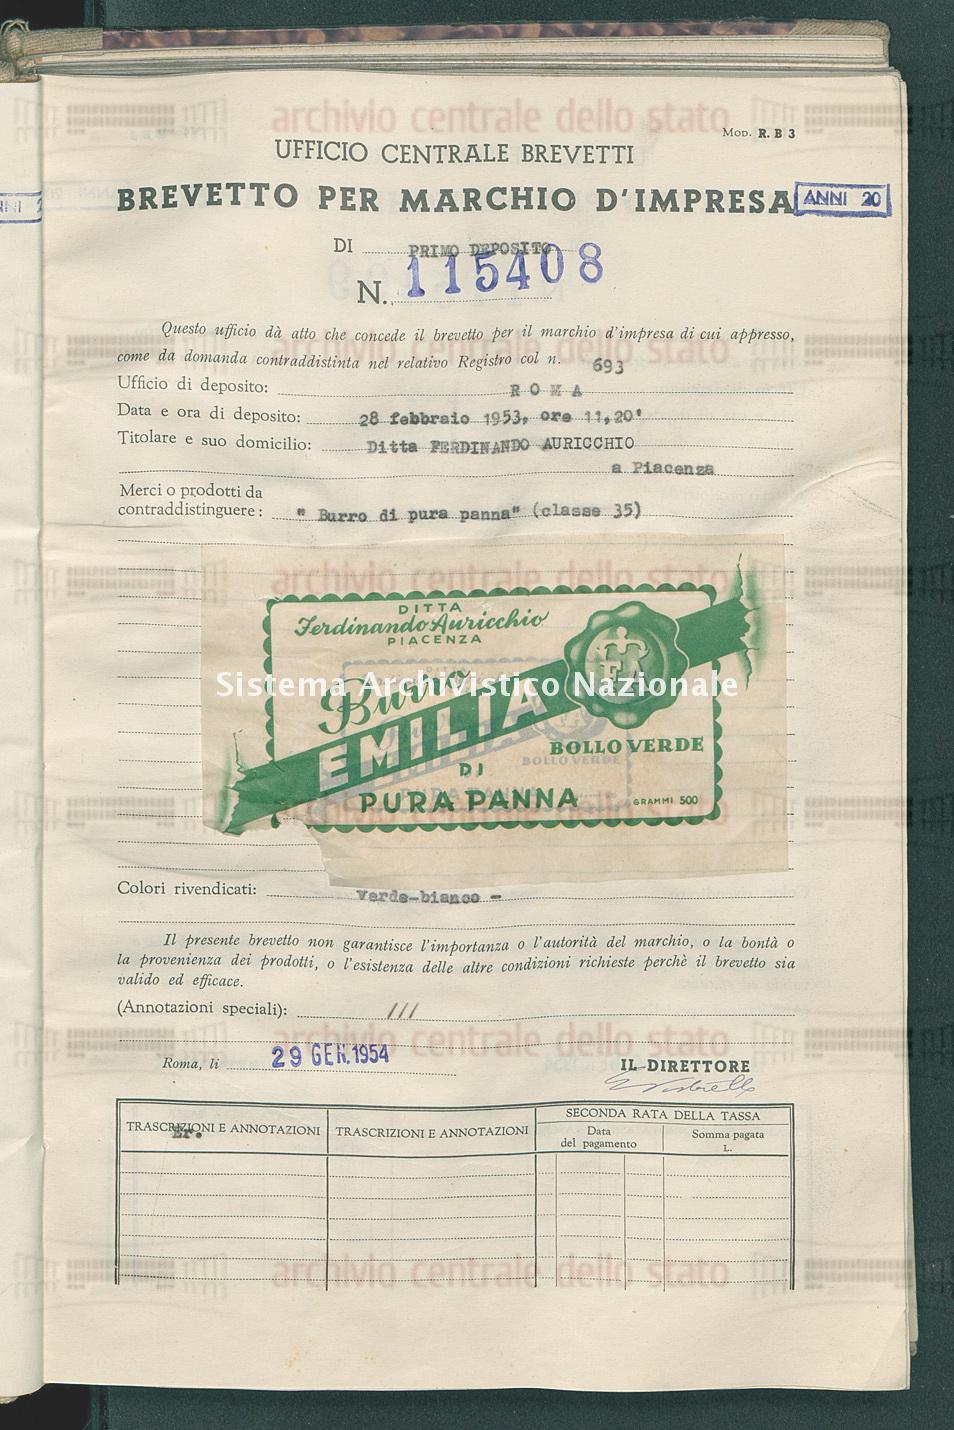 'Burro di pura panna' Ditta Ferdinando Auricchio (29/01/1954)